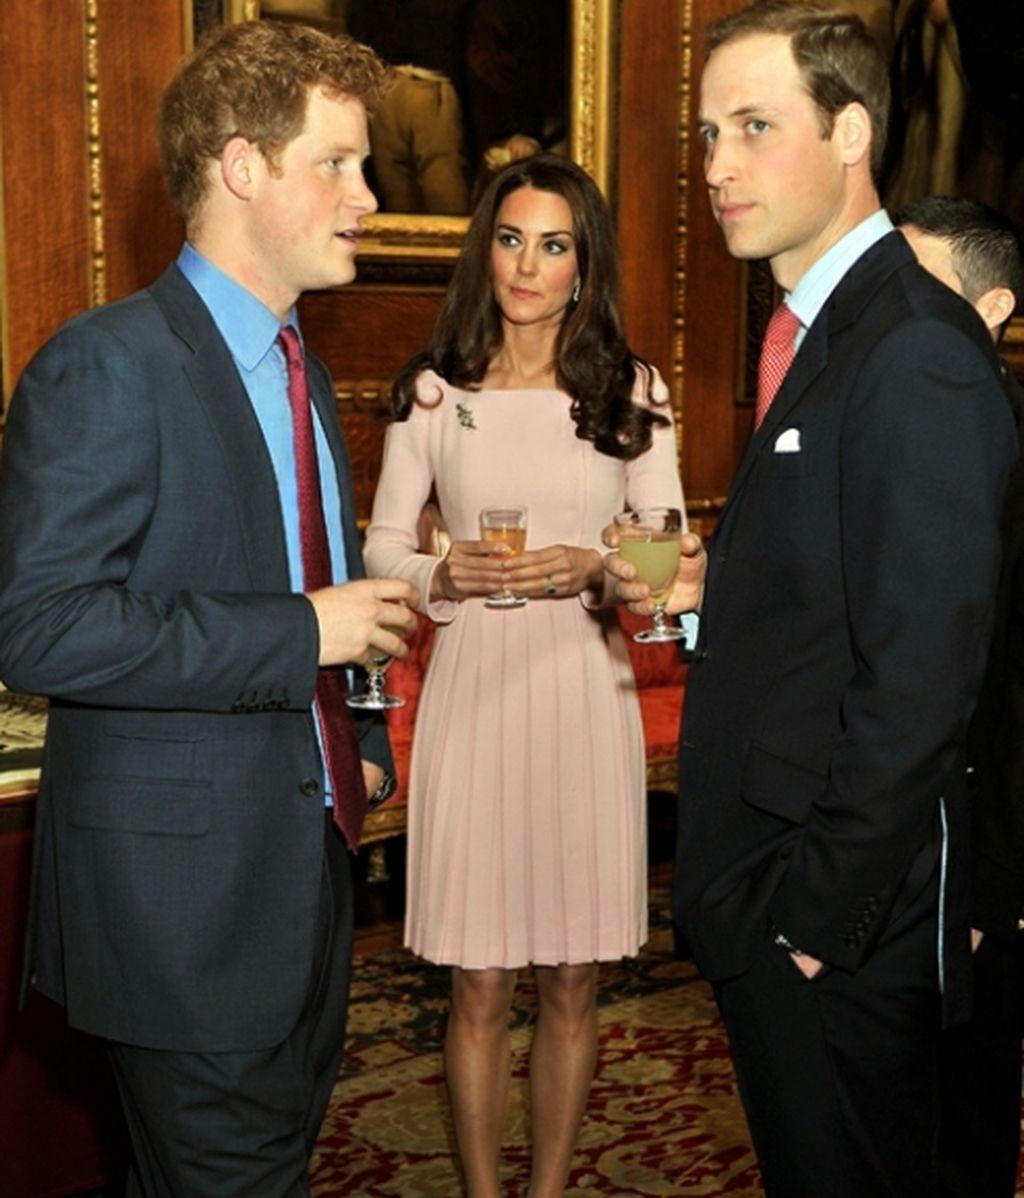 Las monarquías del mundo acuden a las celebraciones del Jubileo de Isabel II